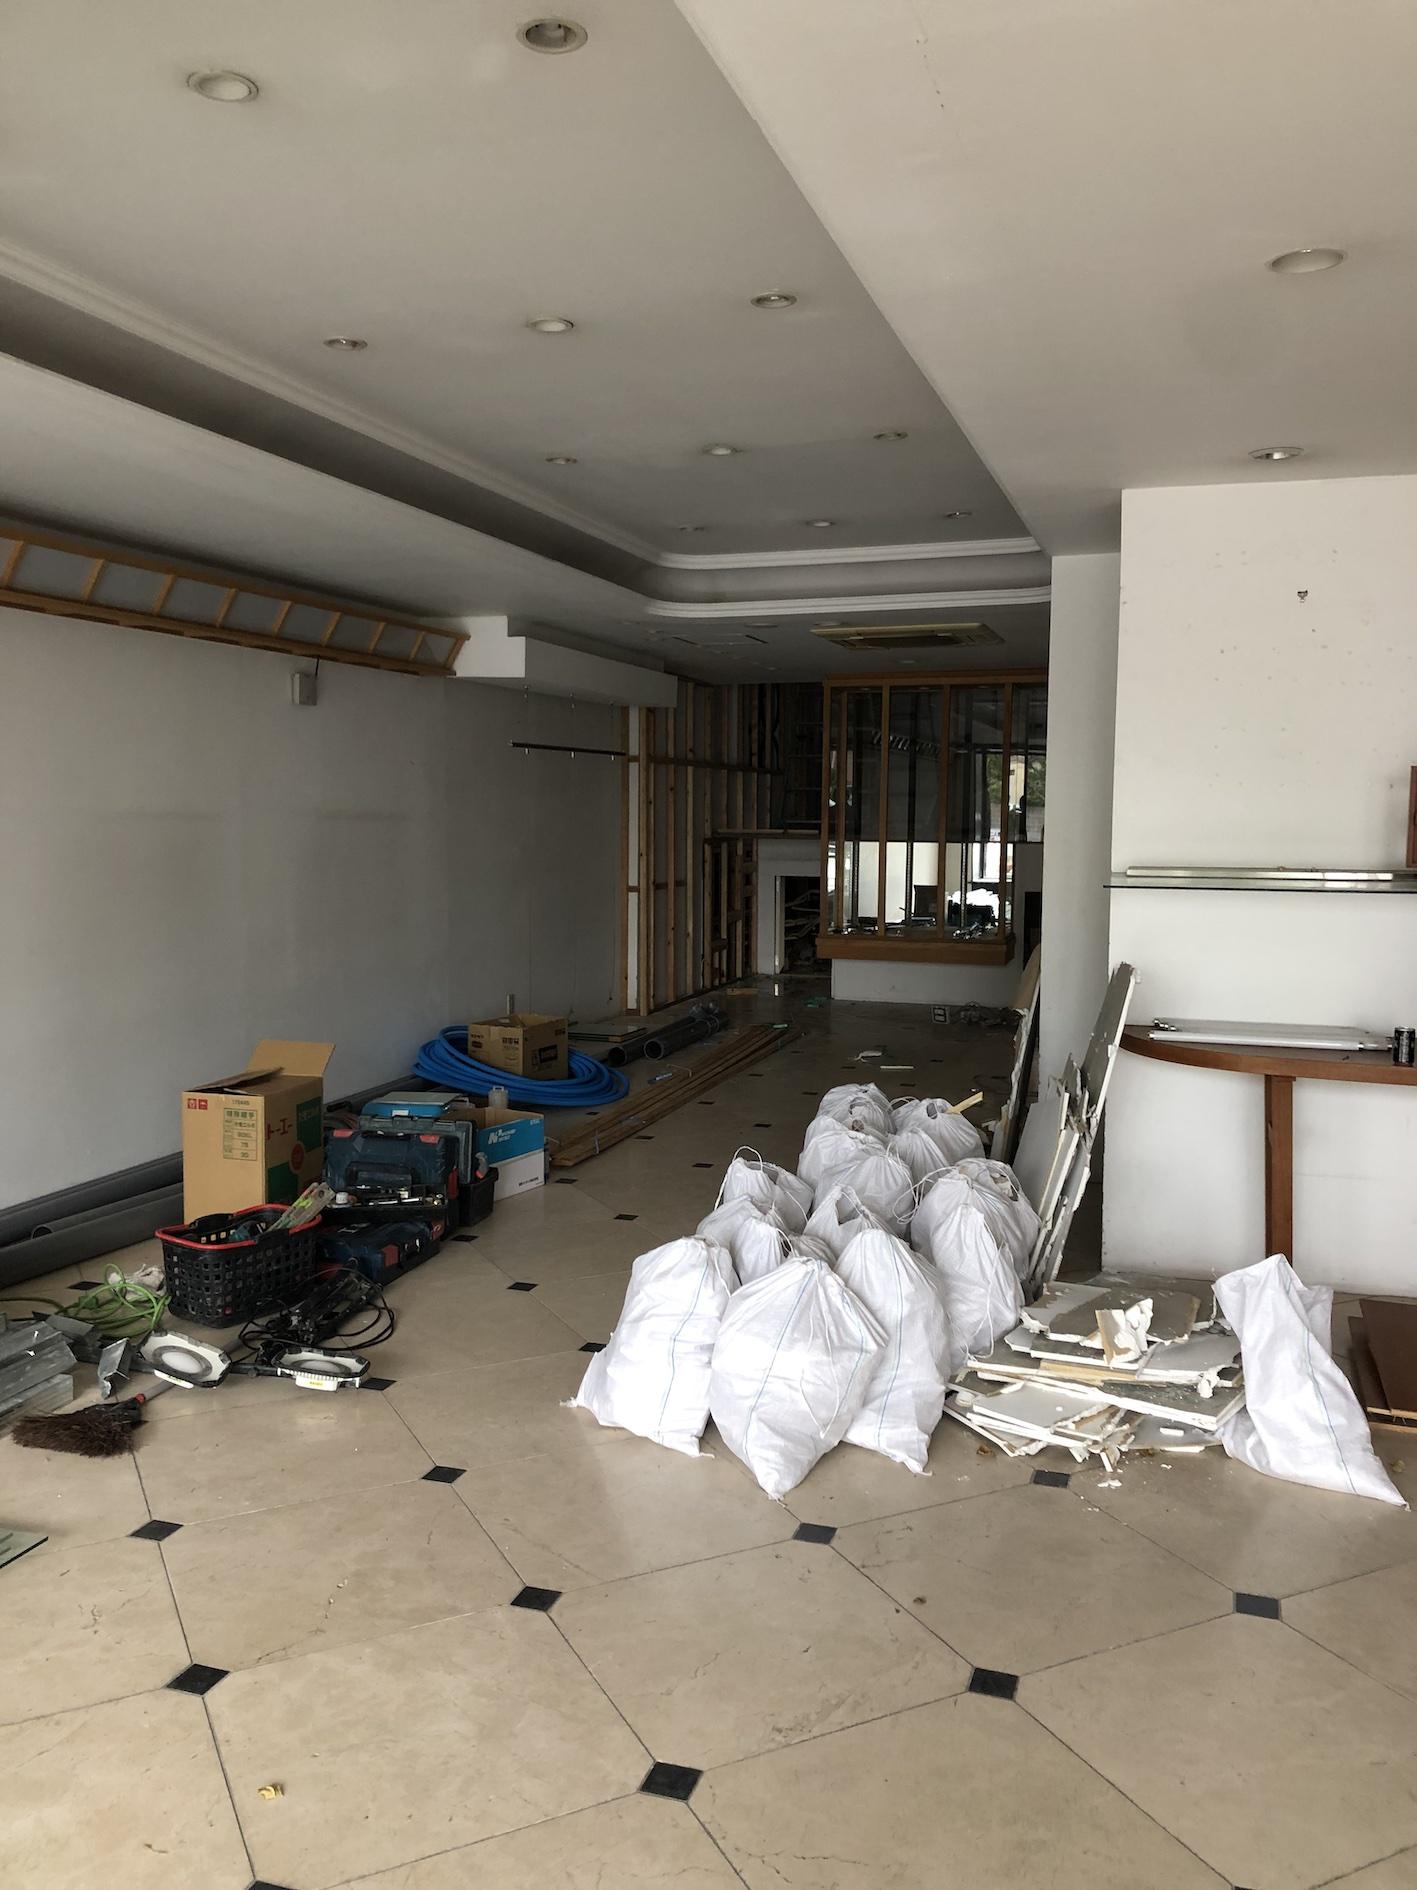 屋内, 天井, 部屋, 床 が含まれている画像  自動的に生成された説明